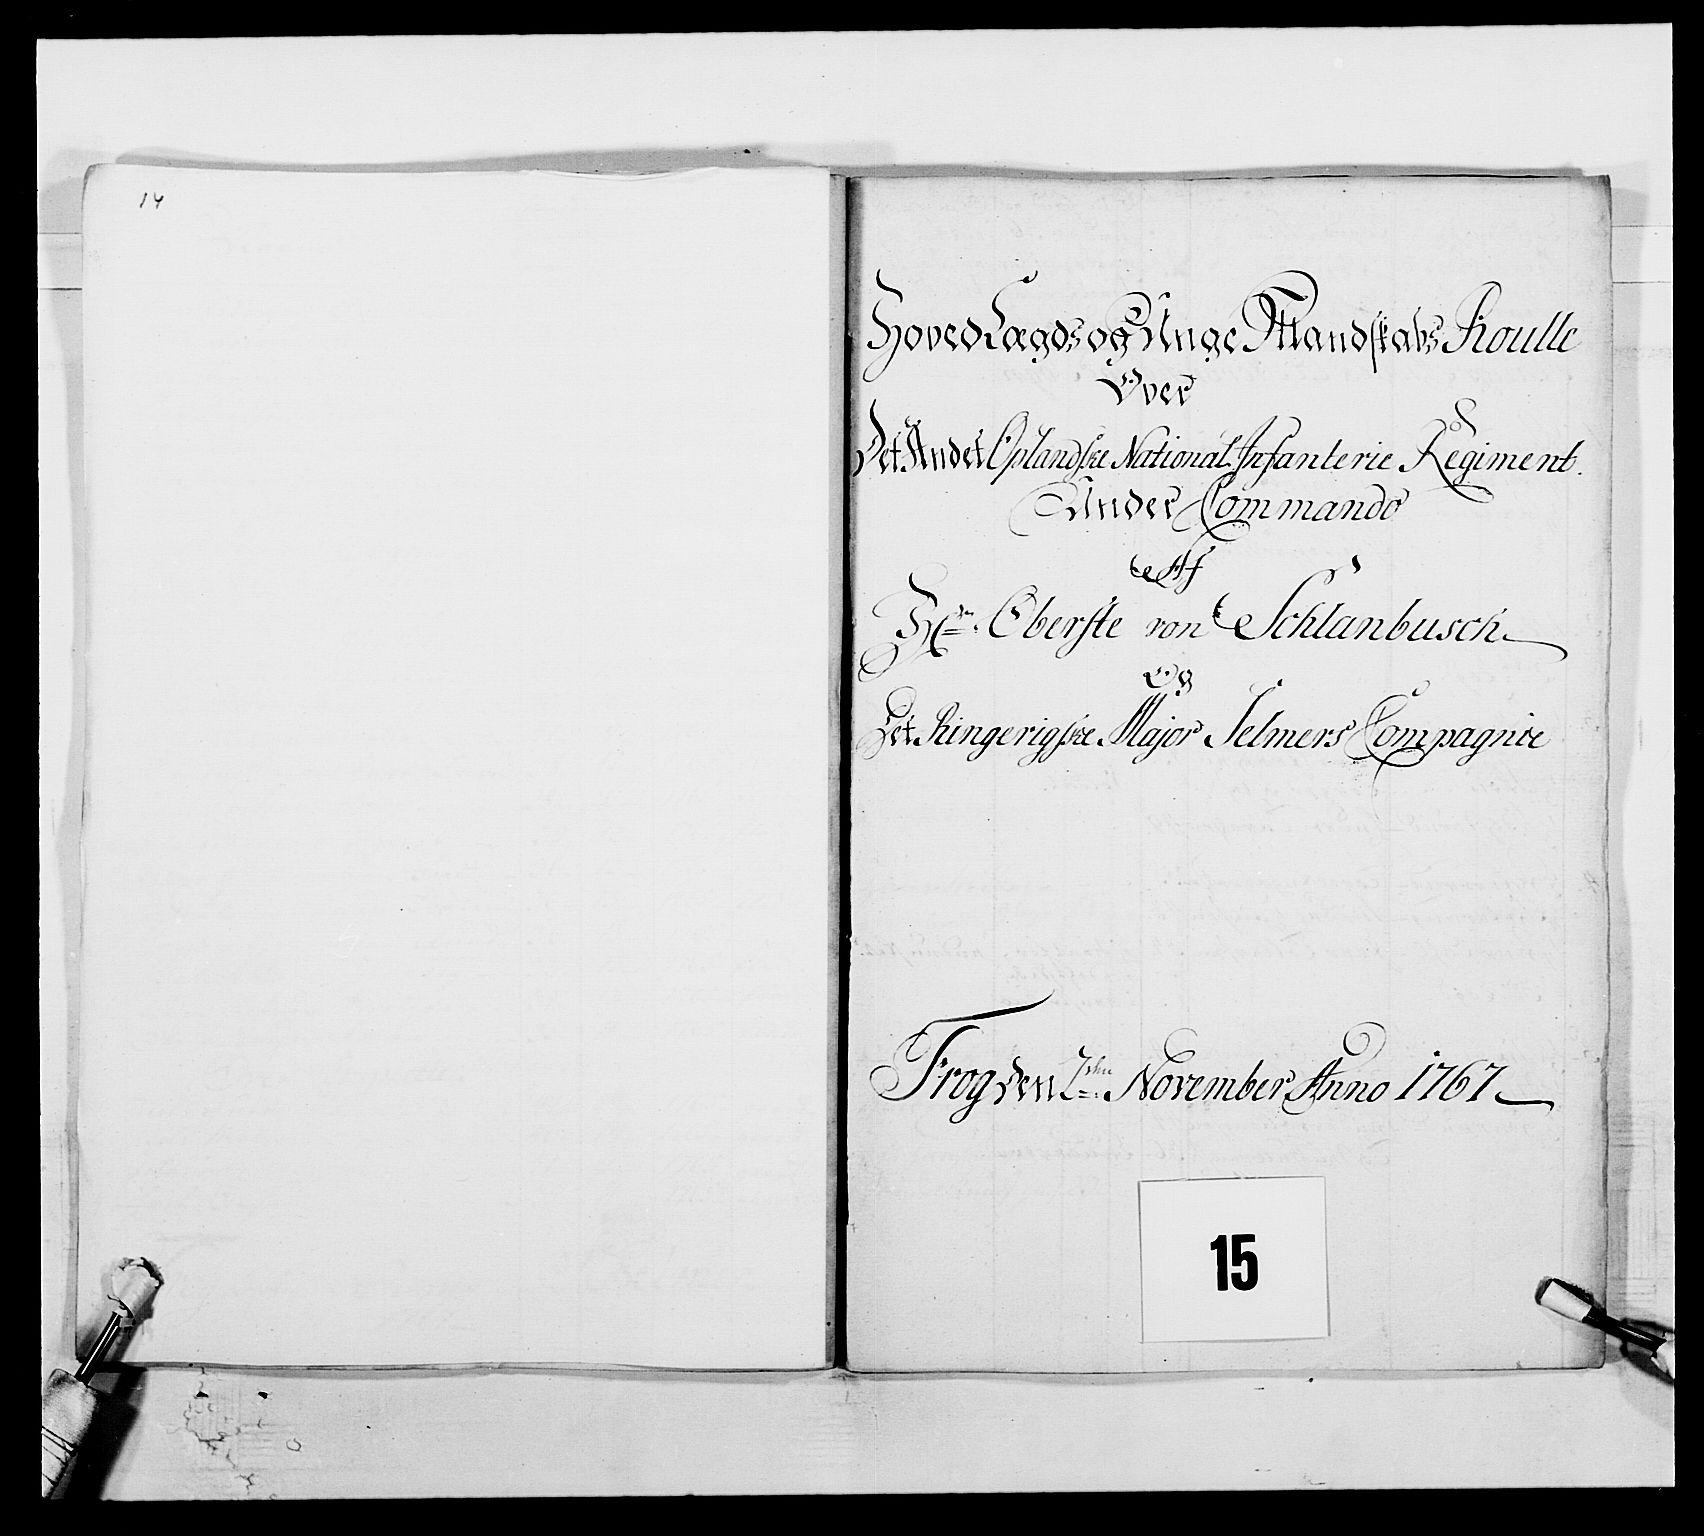 RA, Kommanderende general (KG I) med Det norske krigsdirektorium, E/Ea/L0507: 2. Opplandske regiment, 1766-1767, s. 307